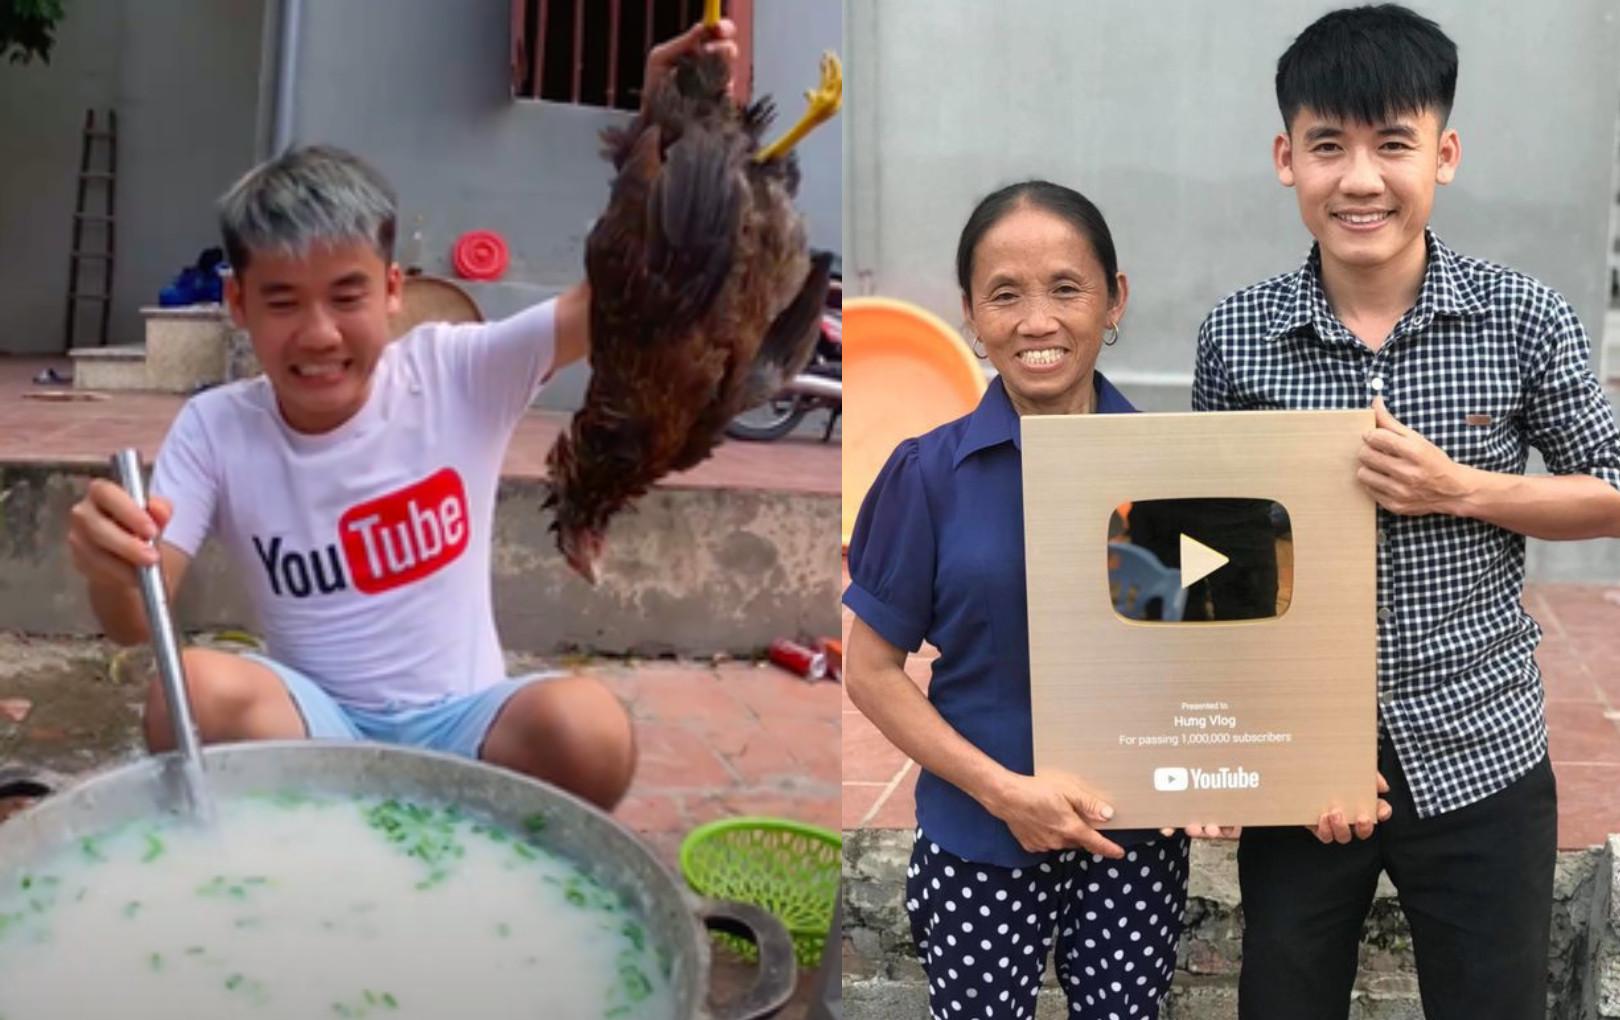 Bà Tân Vlog lên tiếng sau clip con trai nấu cháo gà nguyên lông: Nếu biết Hưng làm như thế thì tôi sẽ ngăn cản